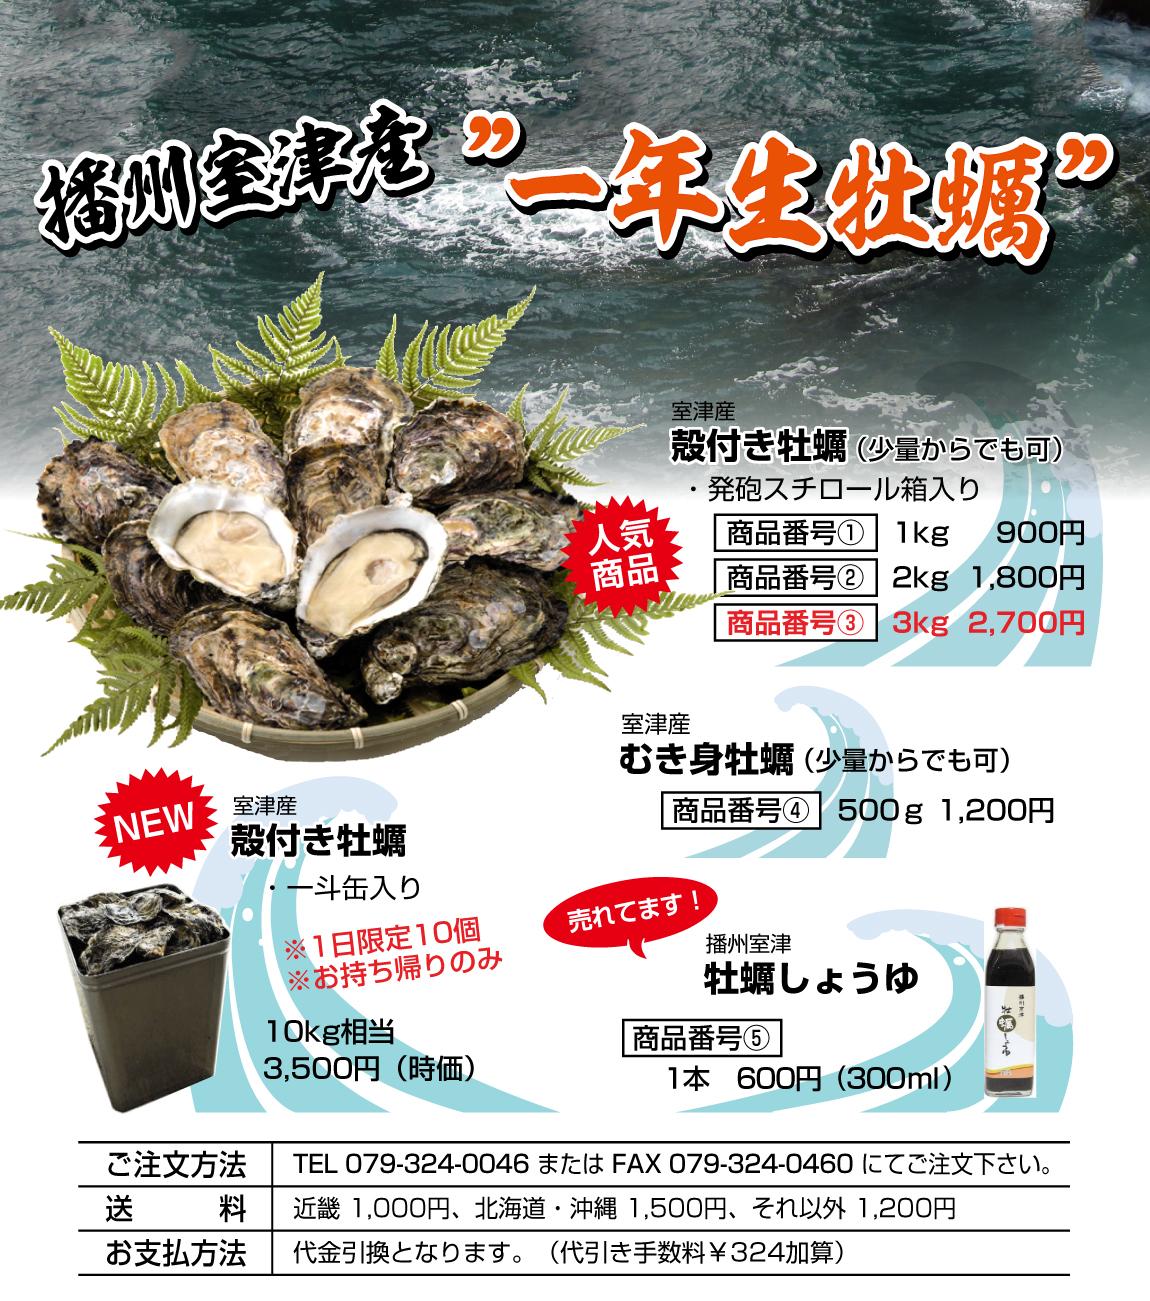 室津 豊漁丸水産の牡蠣(かき)